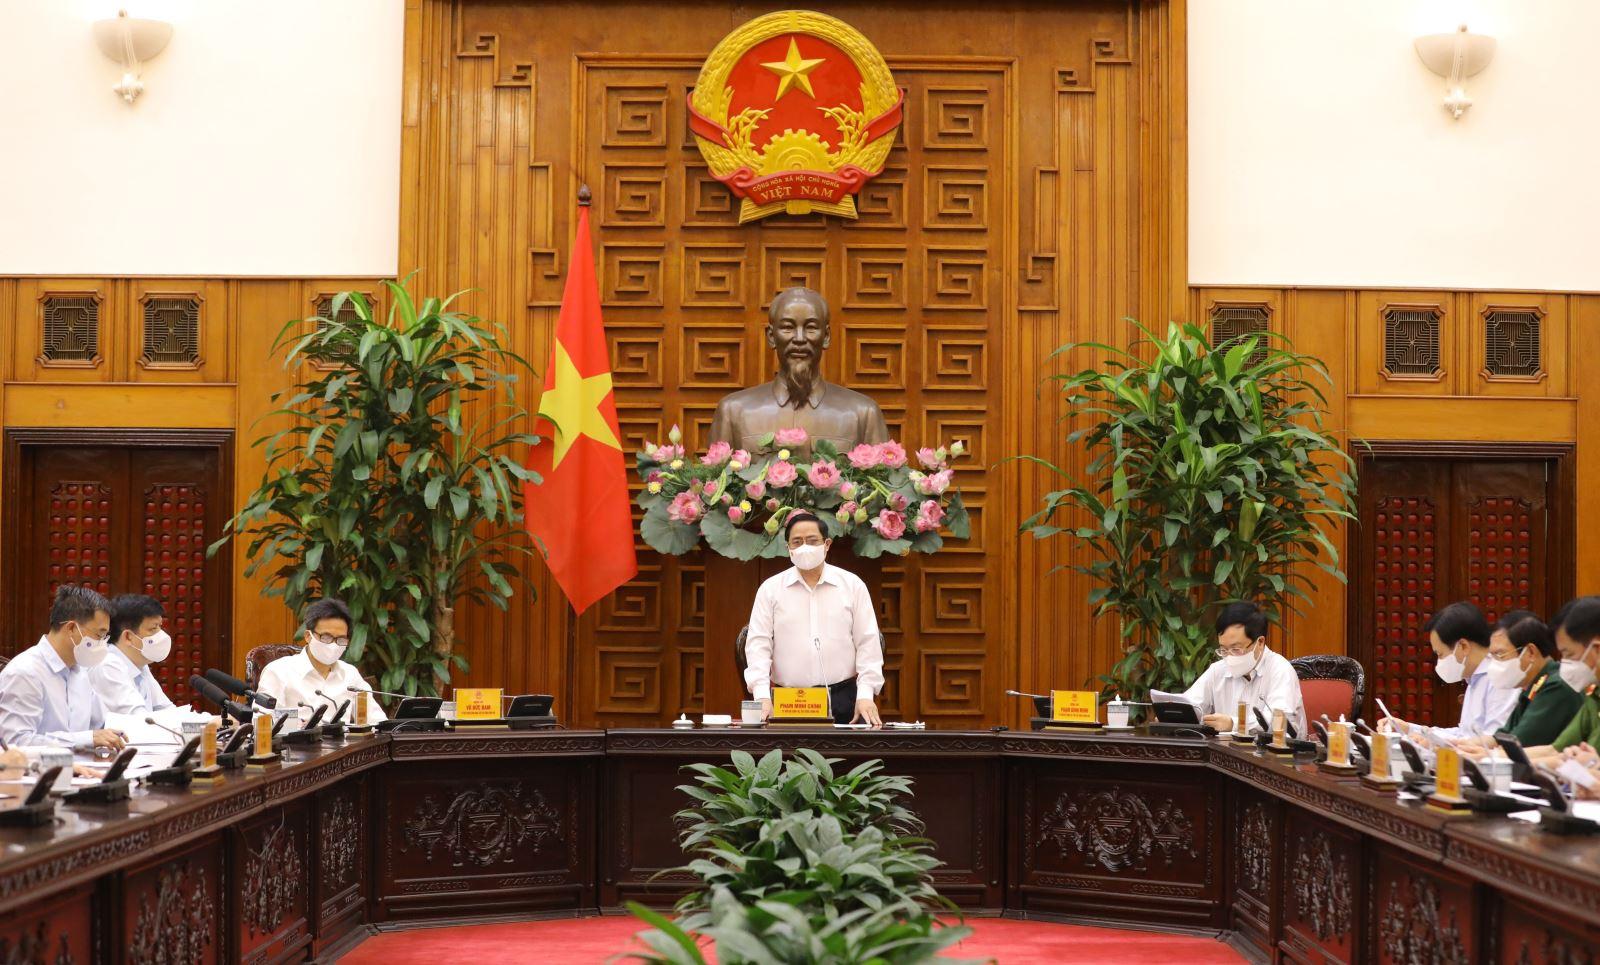 Thủ tướng Phạm Minh Chính chủ trì cuộc họp. Ảnh: Văn Điệp/TTXVN